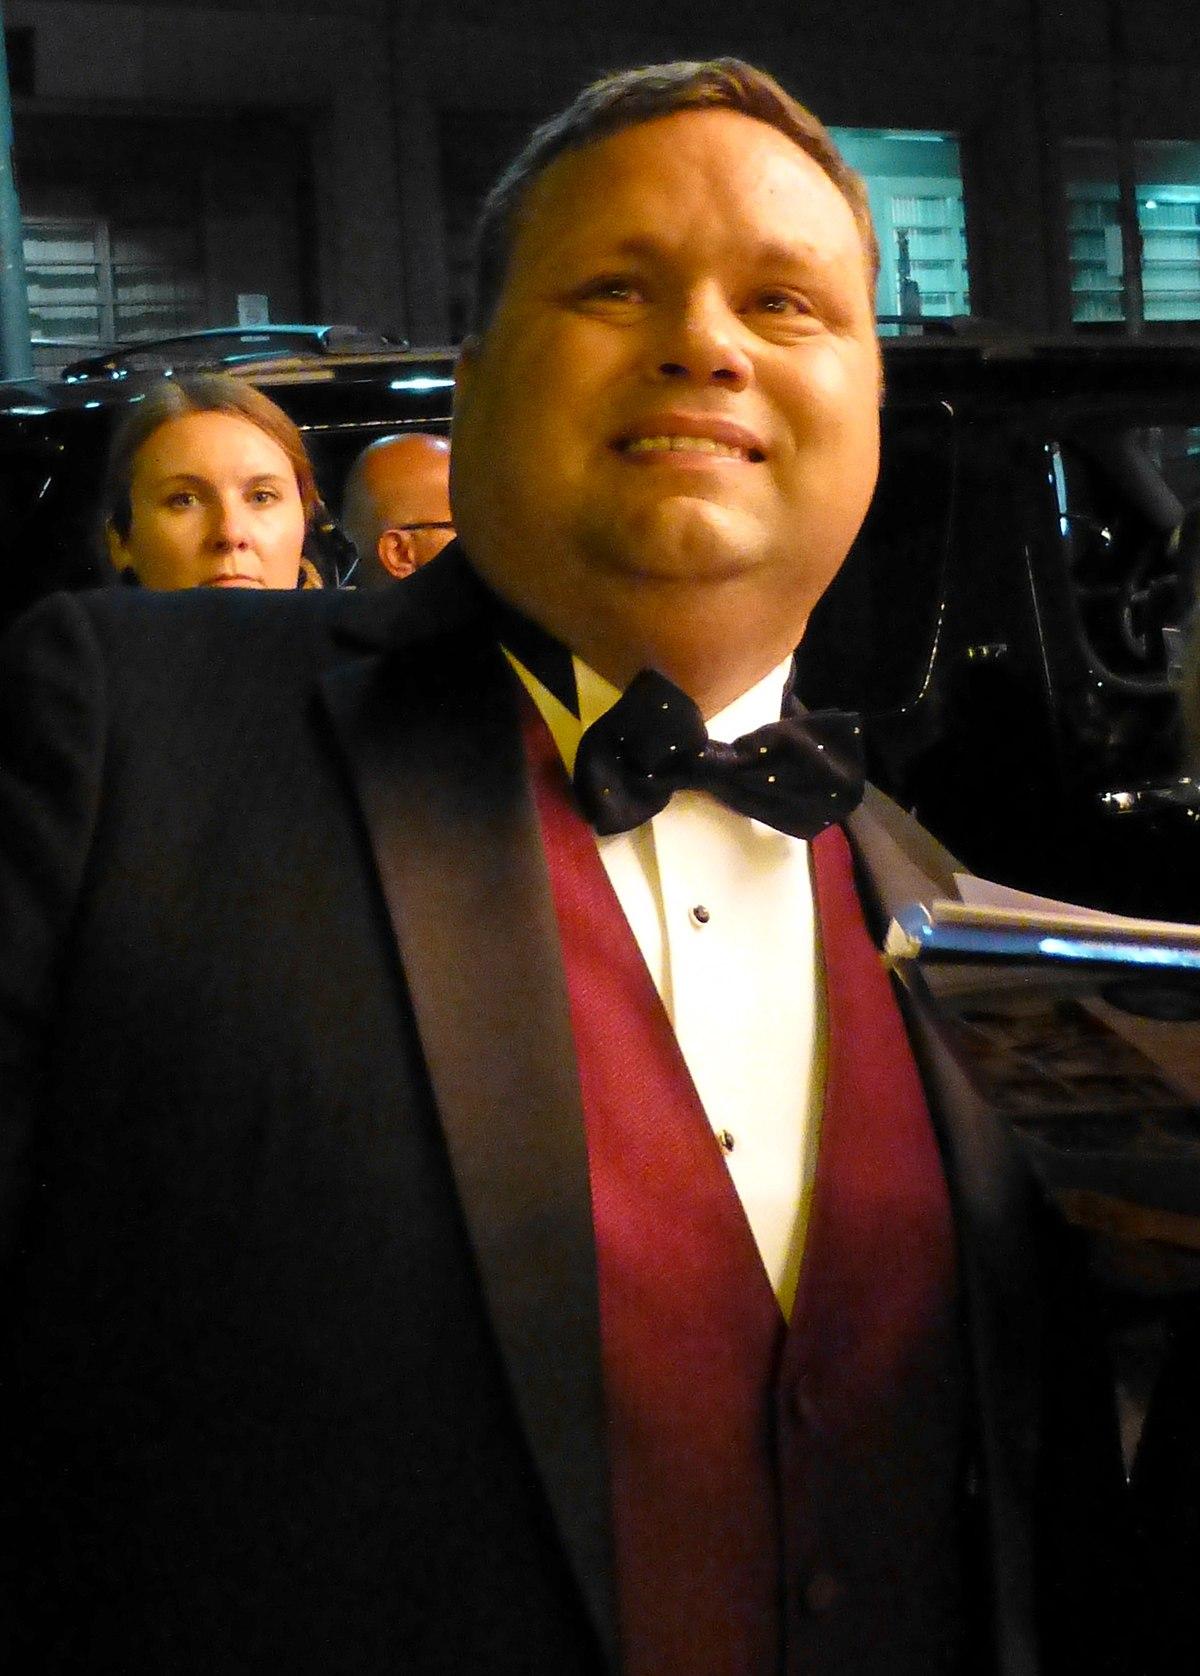 Paul Potts Wikipedia